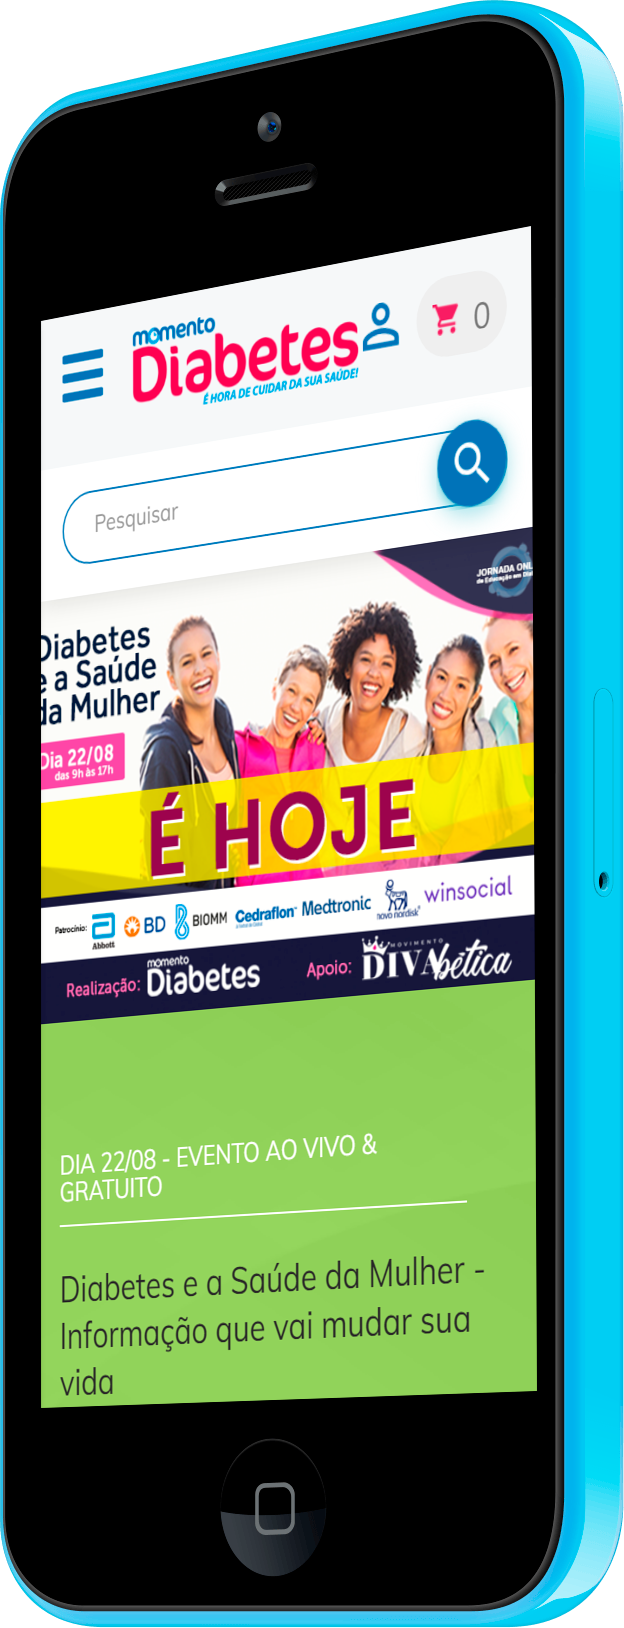 Imagem do portfólio Momento Diabetes: WordPress, Loja Virtual, Clube de Assinantes e Fórum